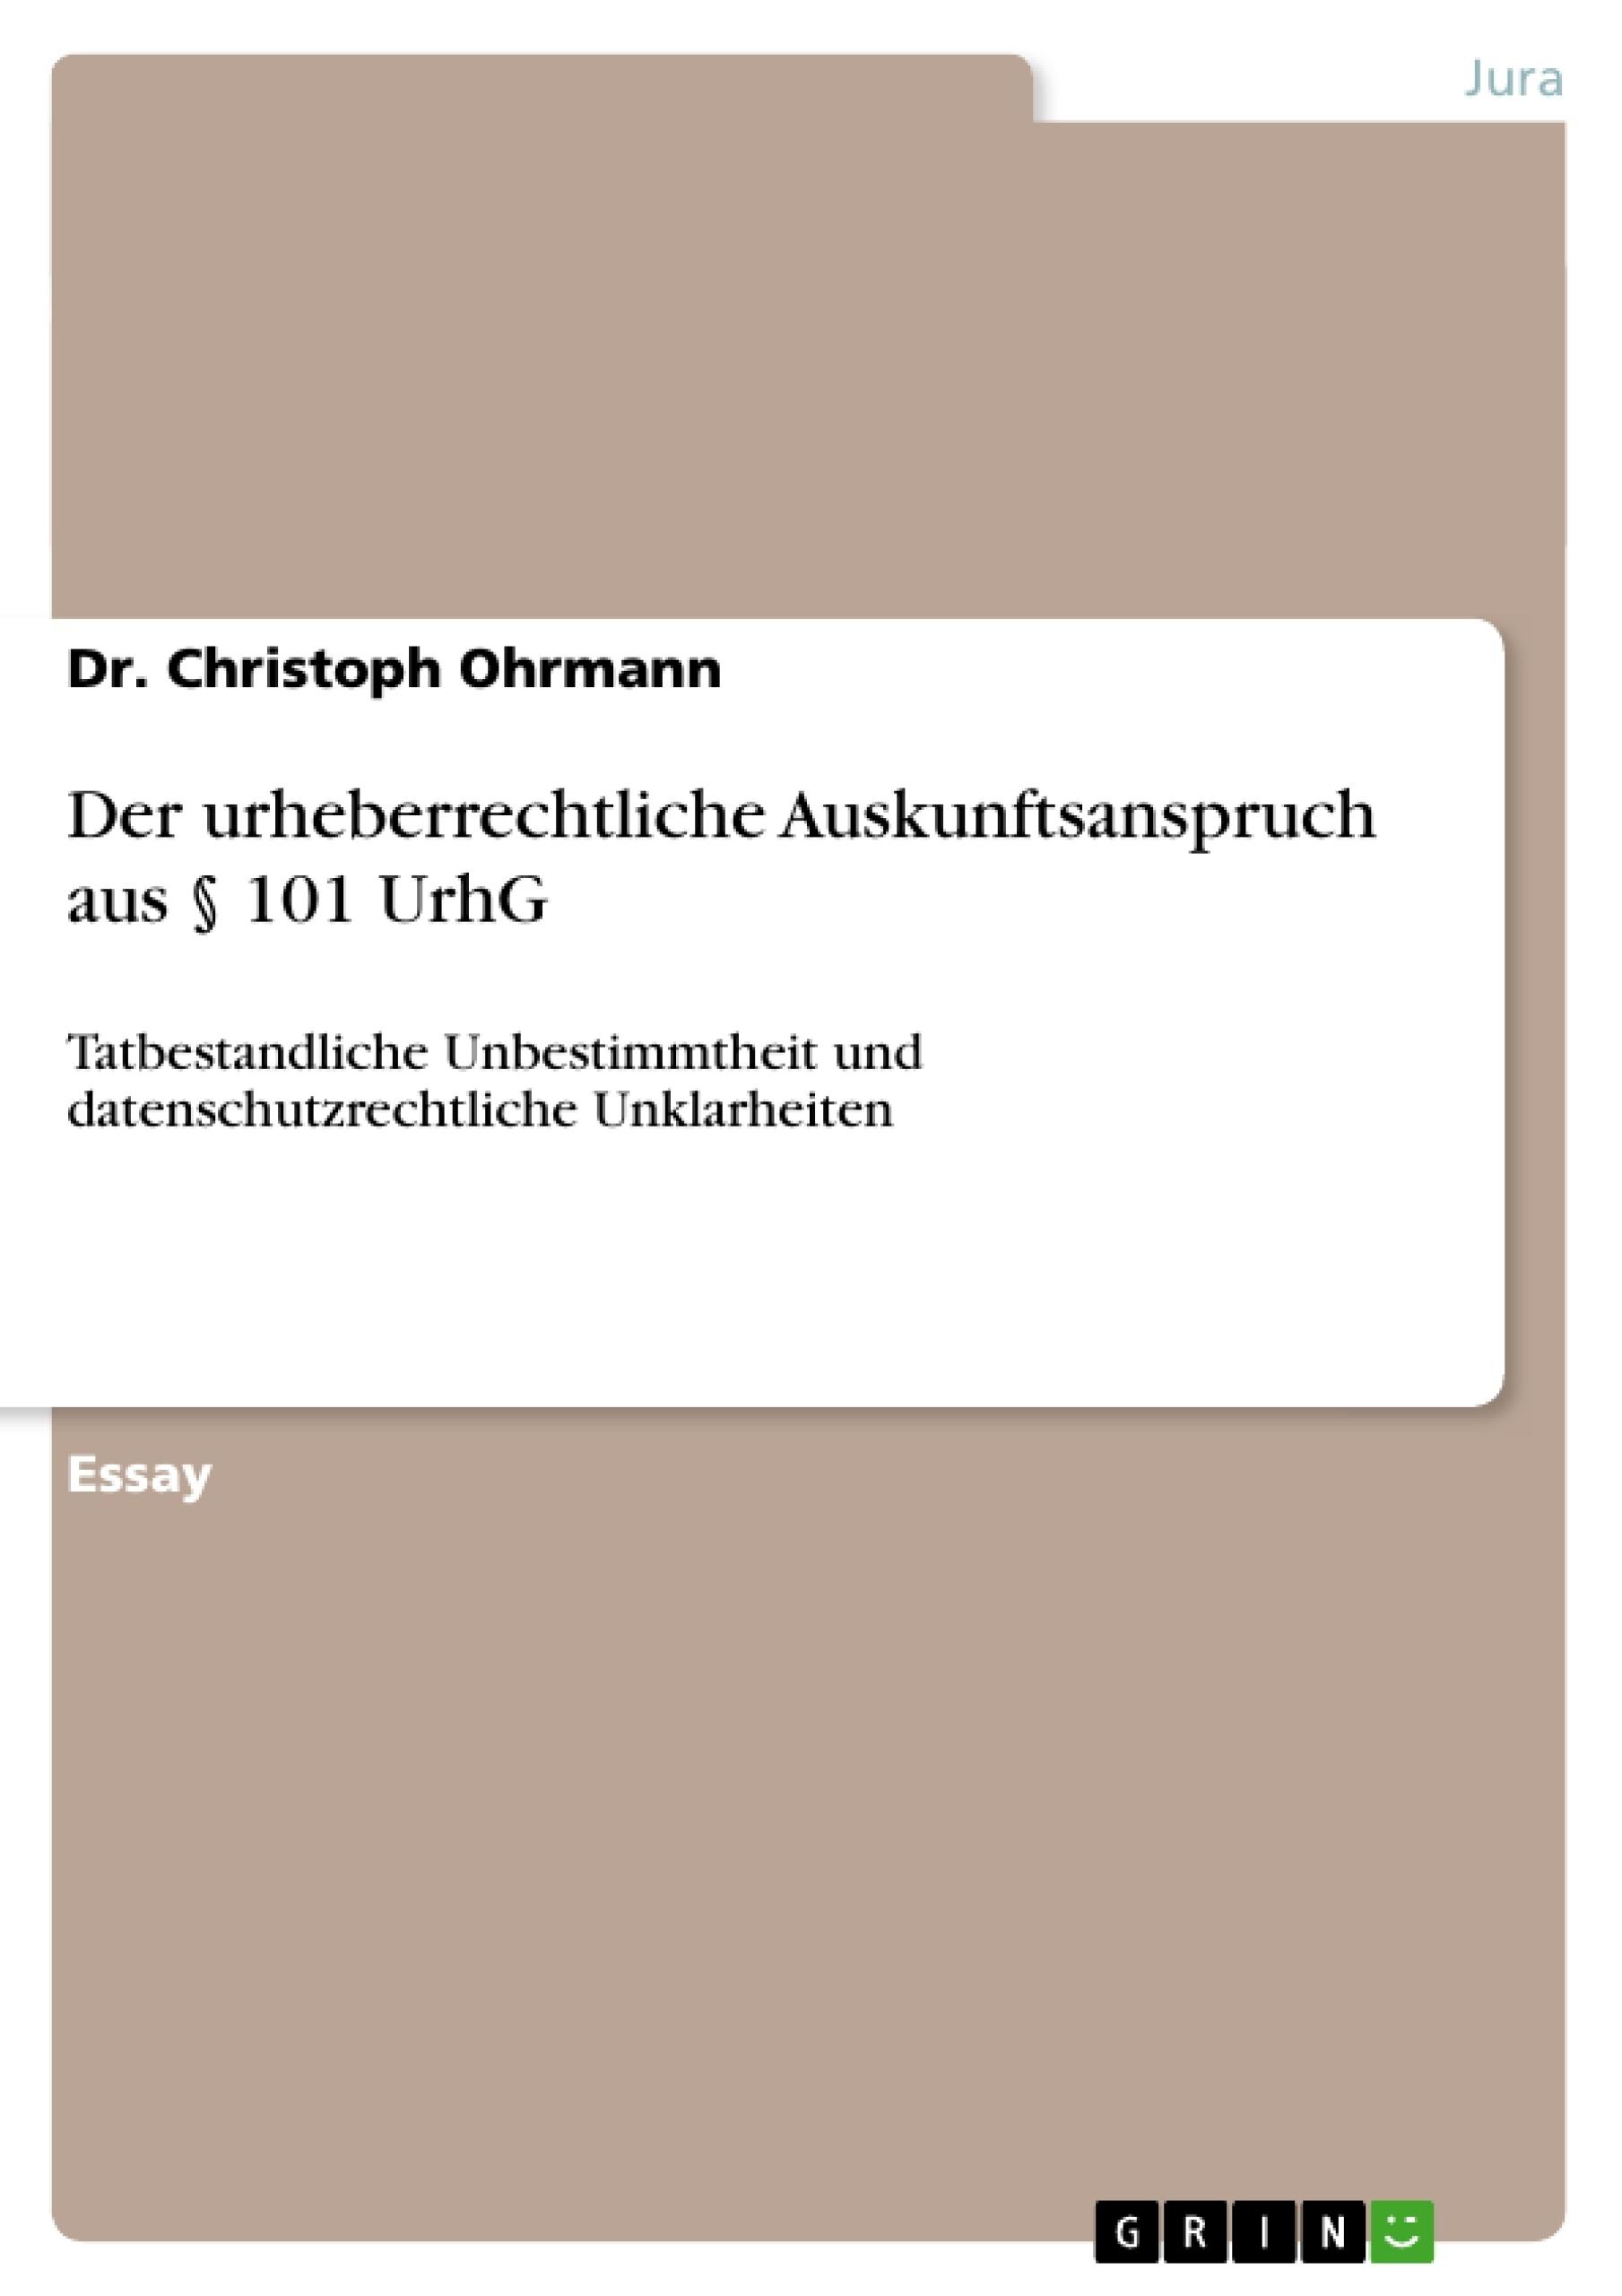 Titel: Der urheberrechtliche Auskunftsanspruch aus § 101 UrhG